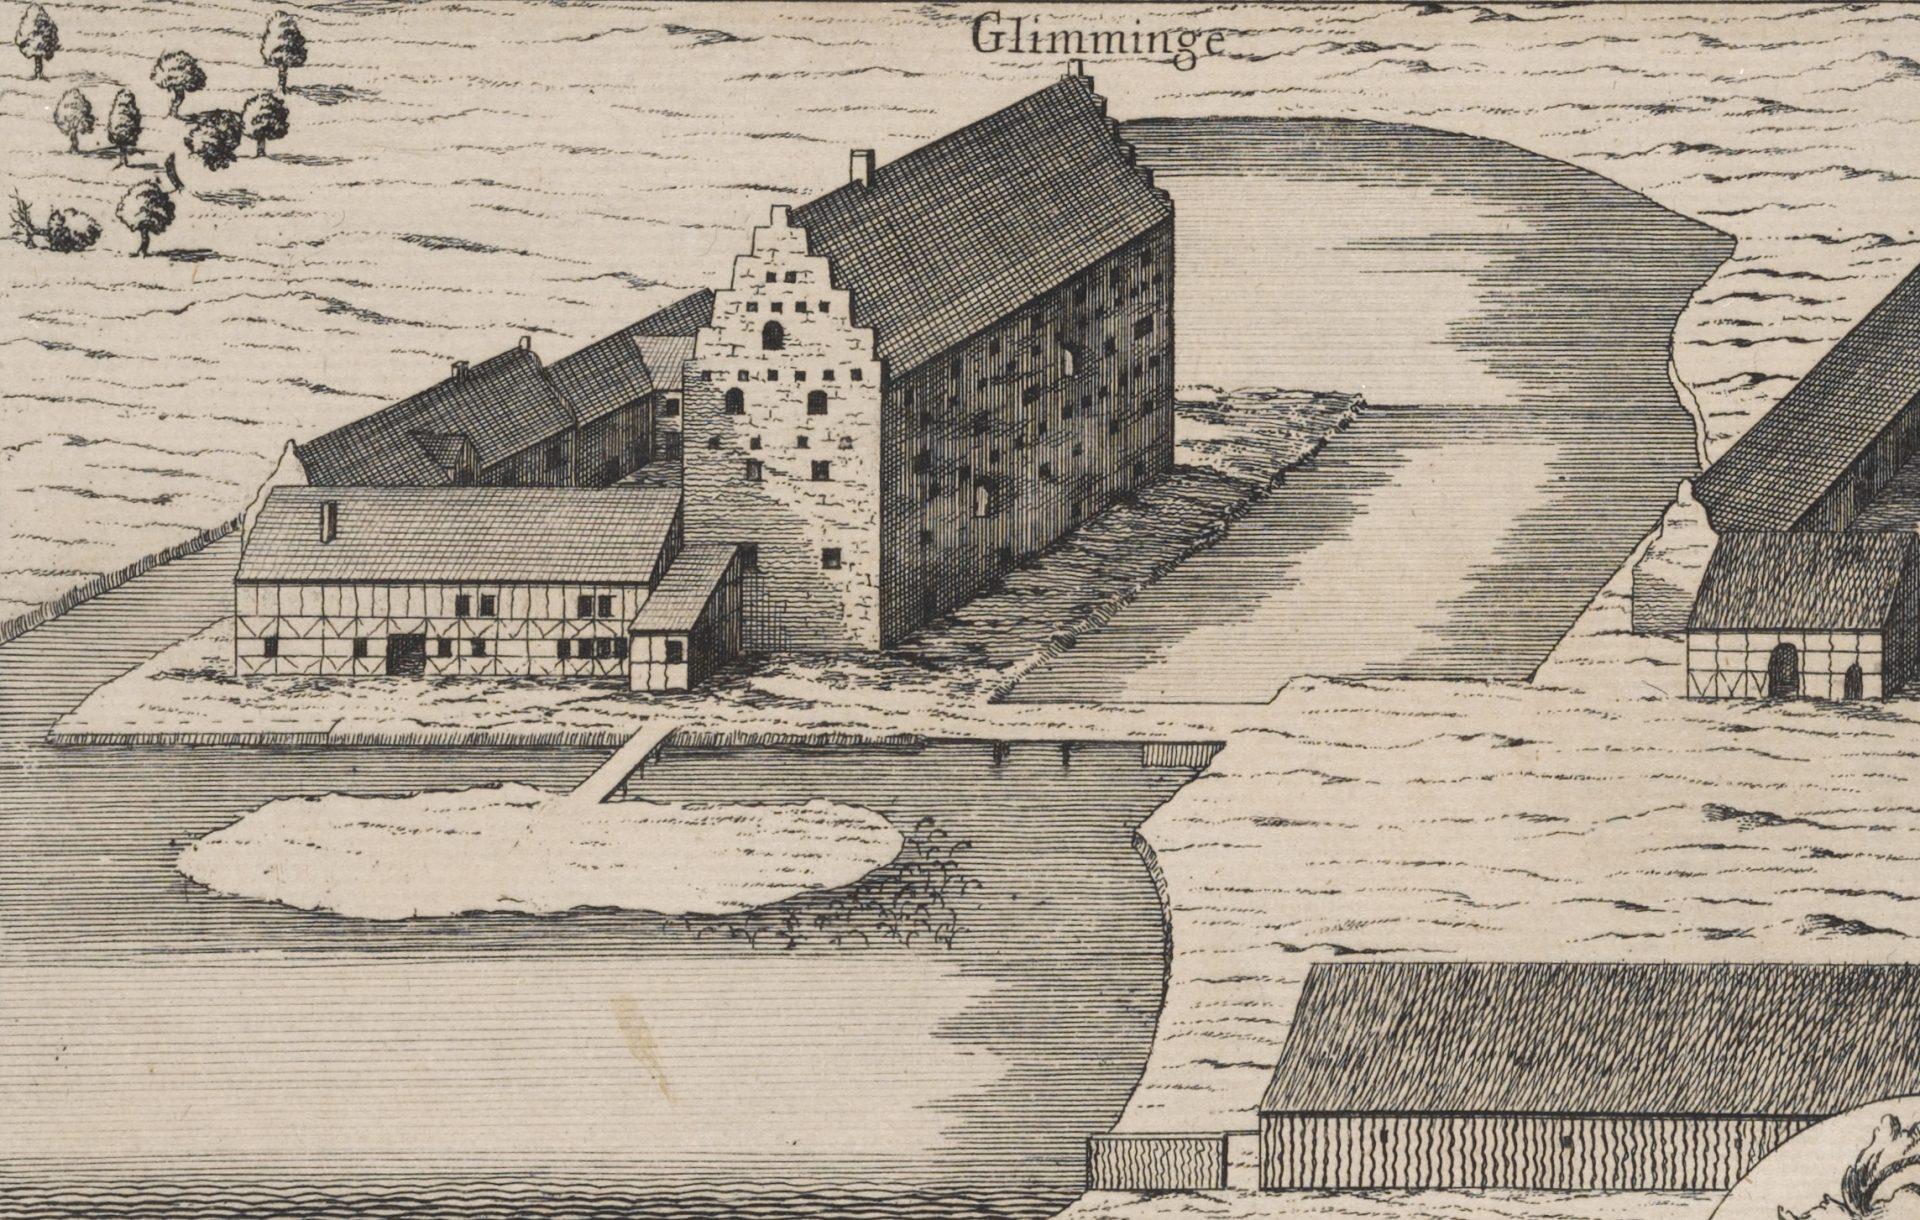 Kopparstick från 1680 av Glimmingehus